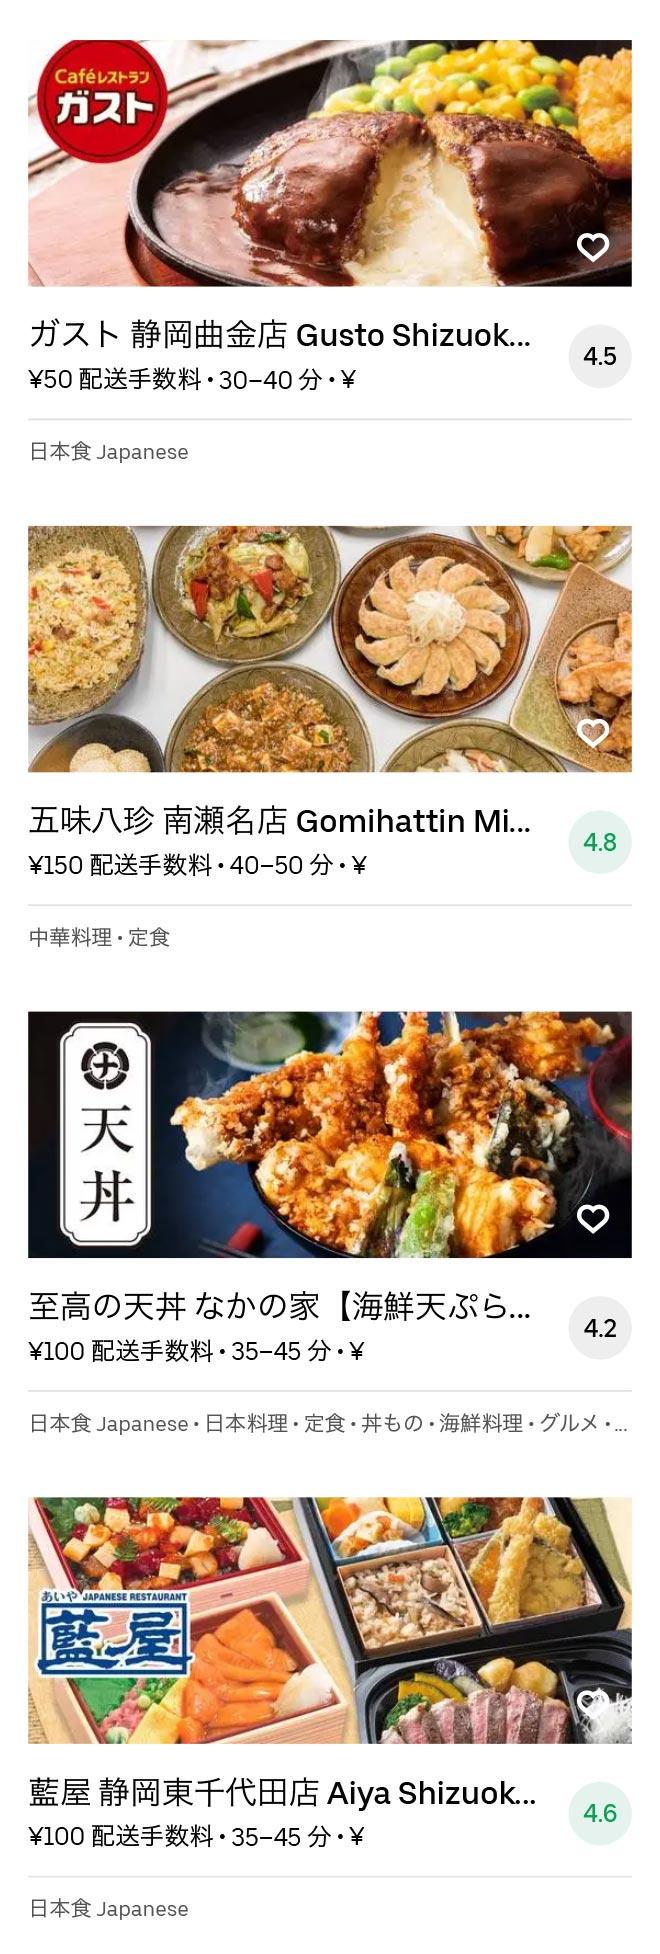 Higashi shizuoka menu 2010 10